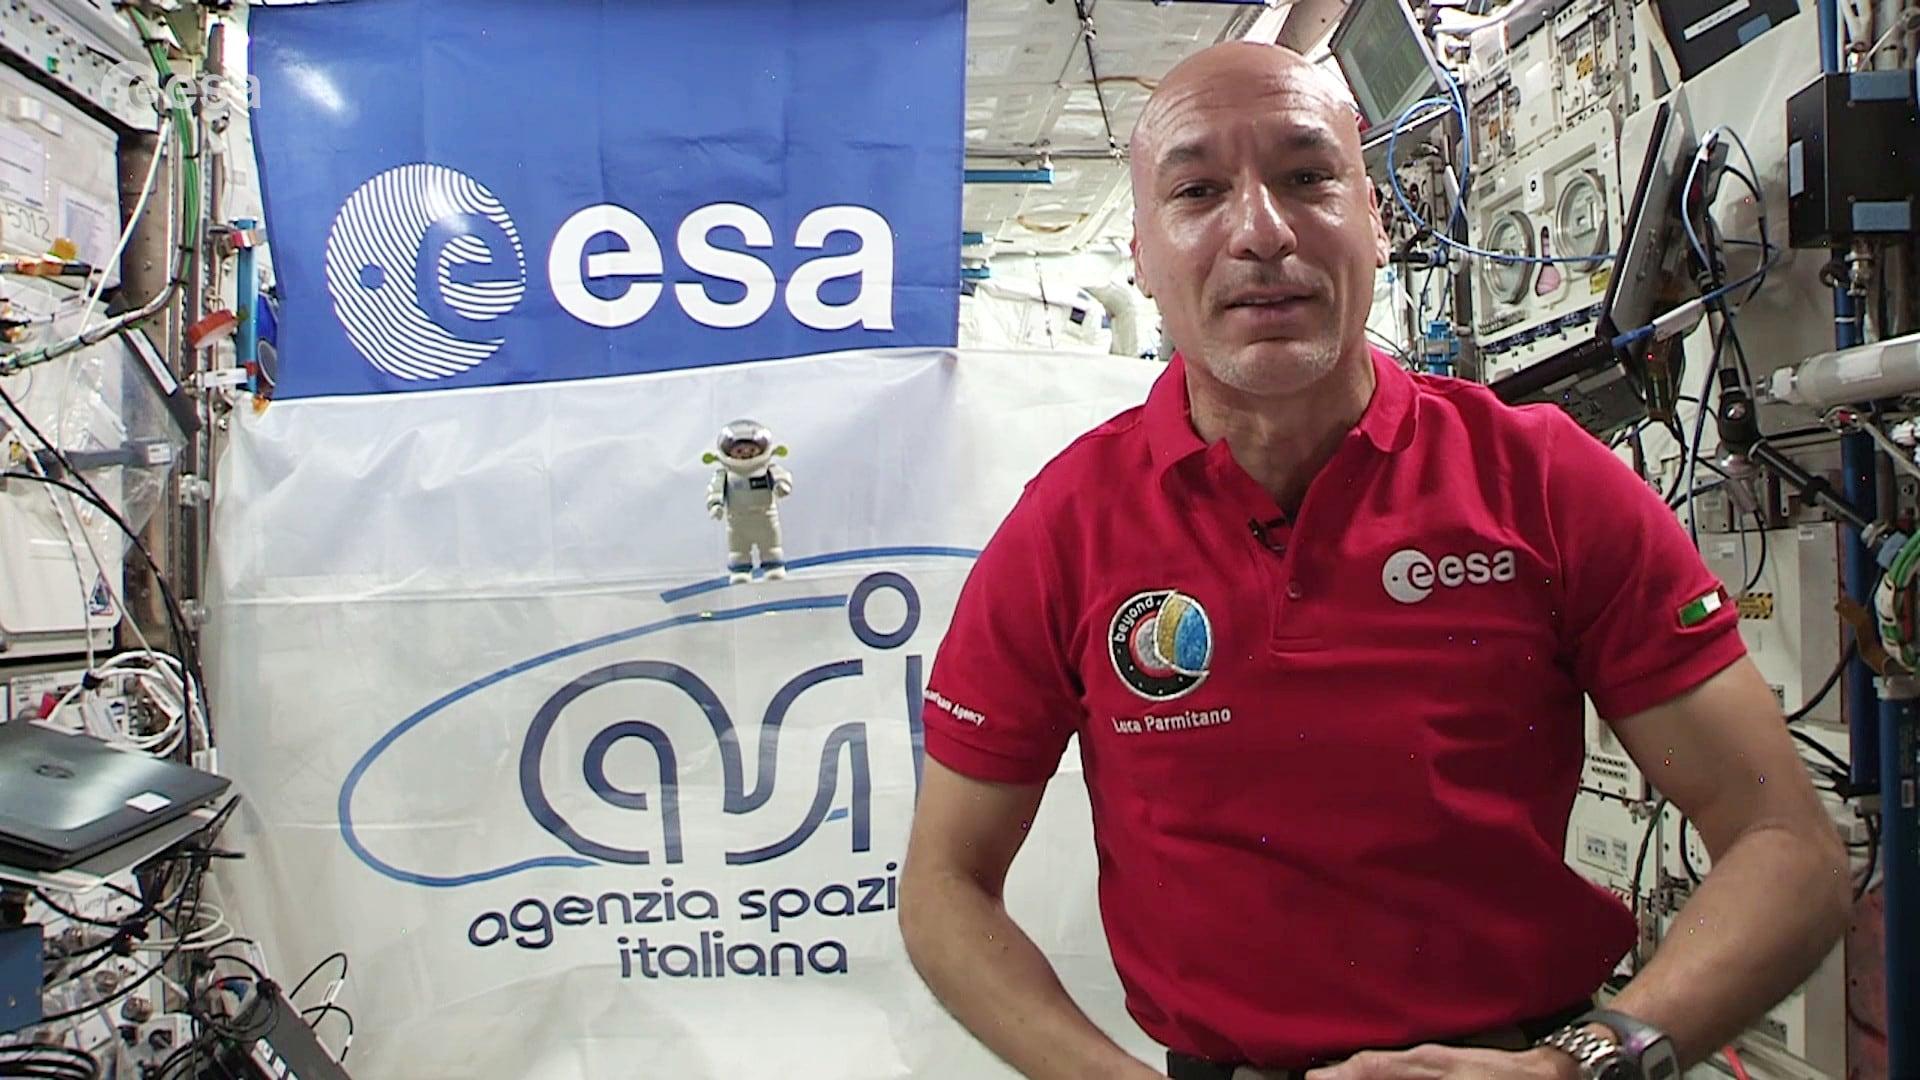 Il messaggio di Luca Parmitano dallo spazio